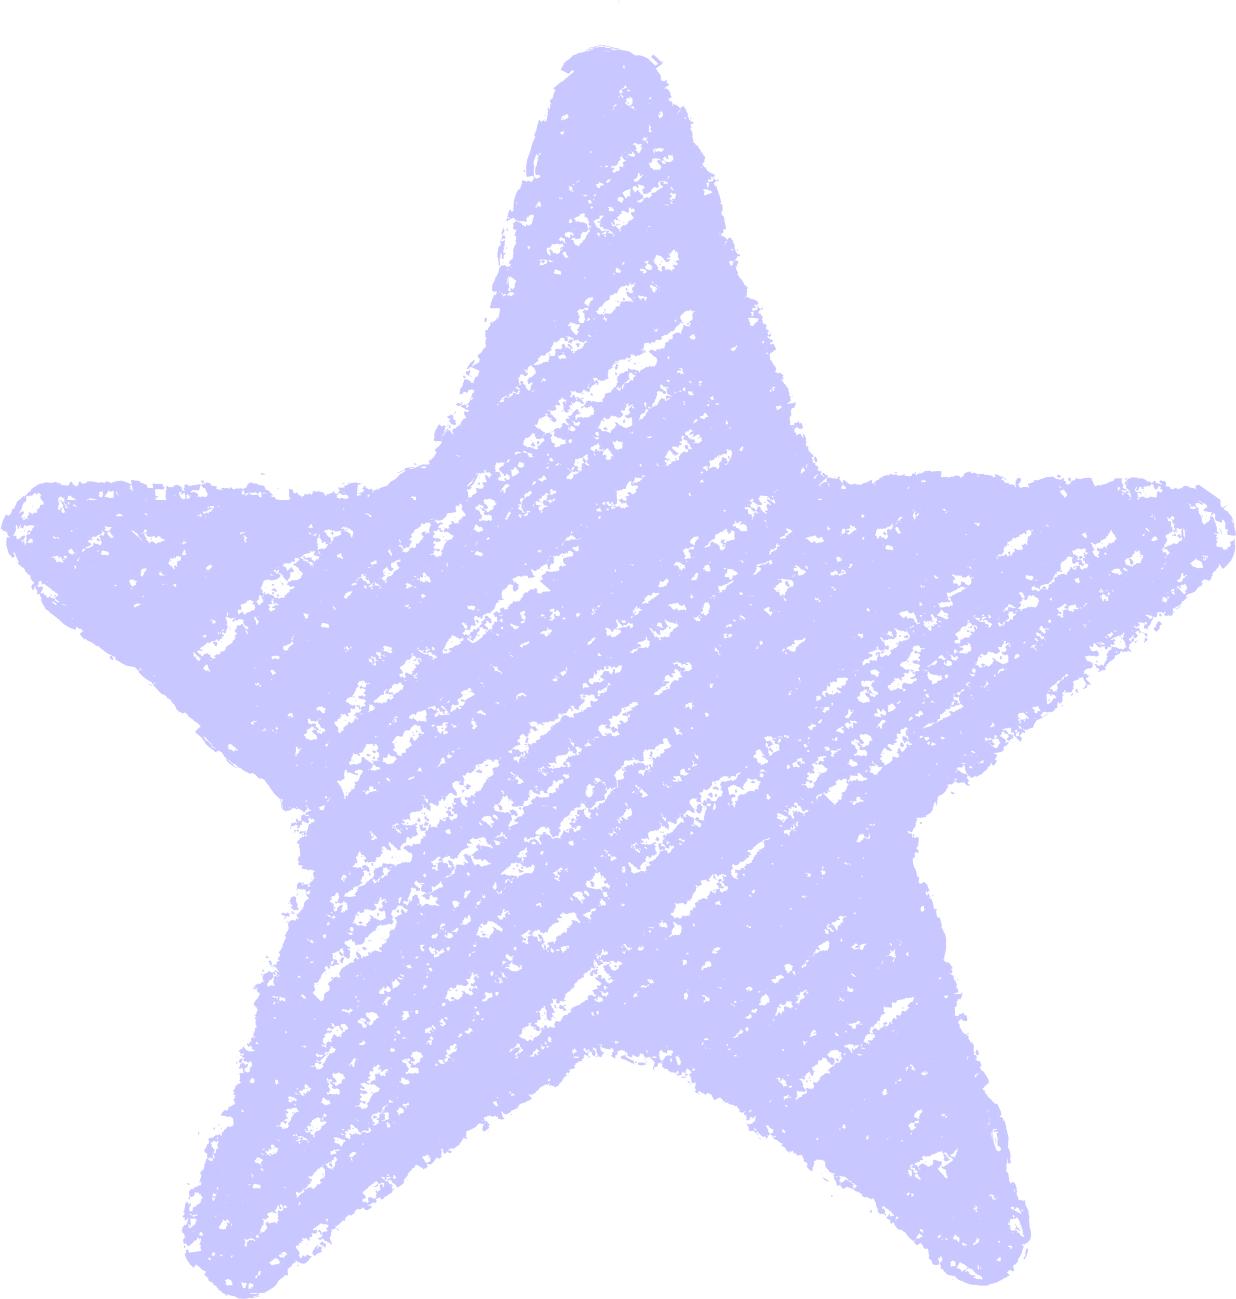 クレヨン塗り背景 パステル 紺色 新(ネイビー)星のイラスト star_navy